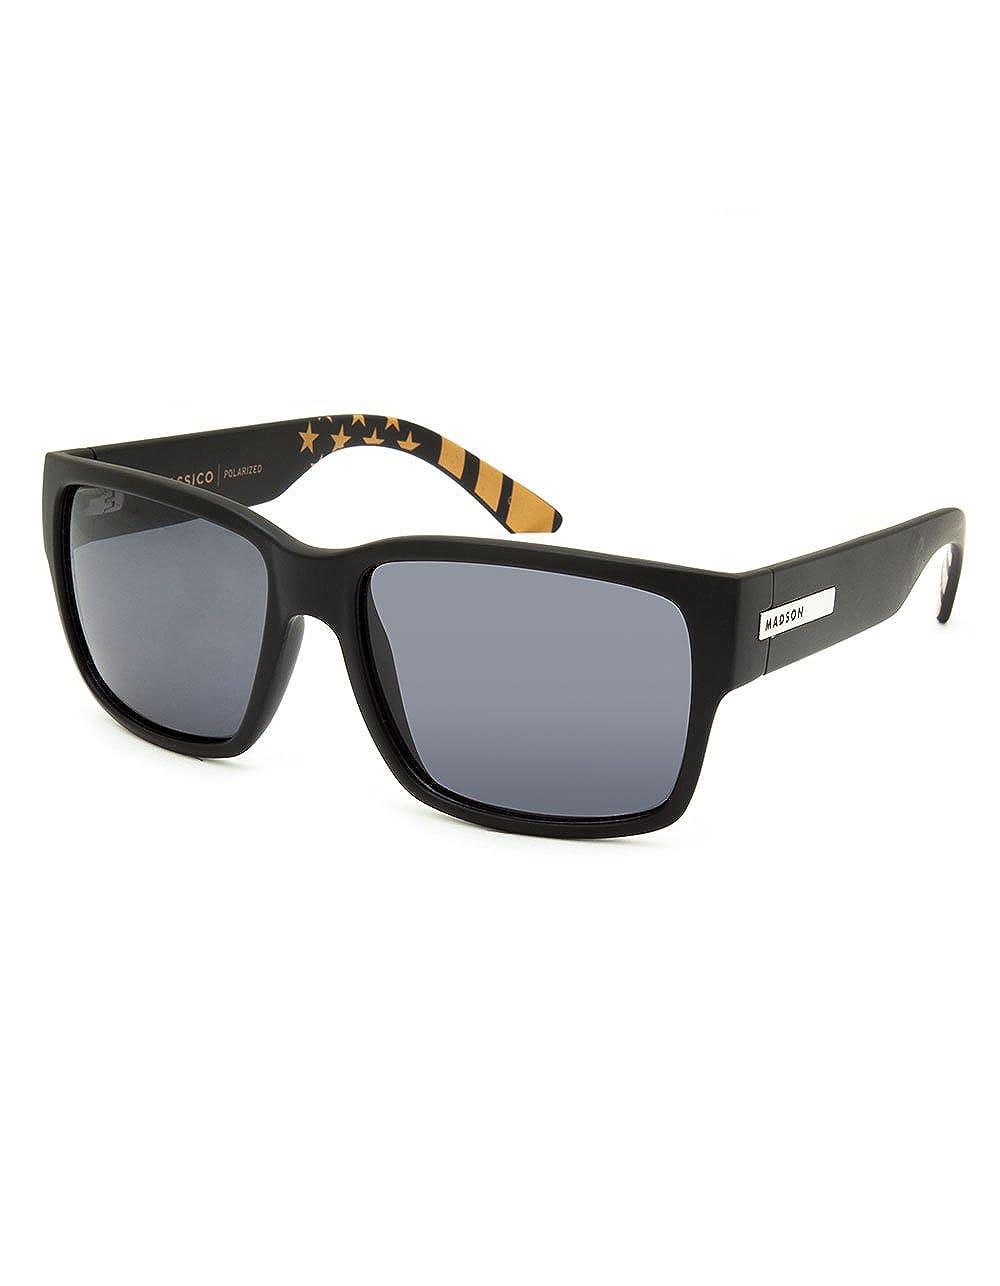 Amazon.com: MADSON Classico Polarized Sunglasses, Matte ...